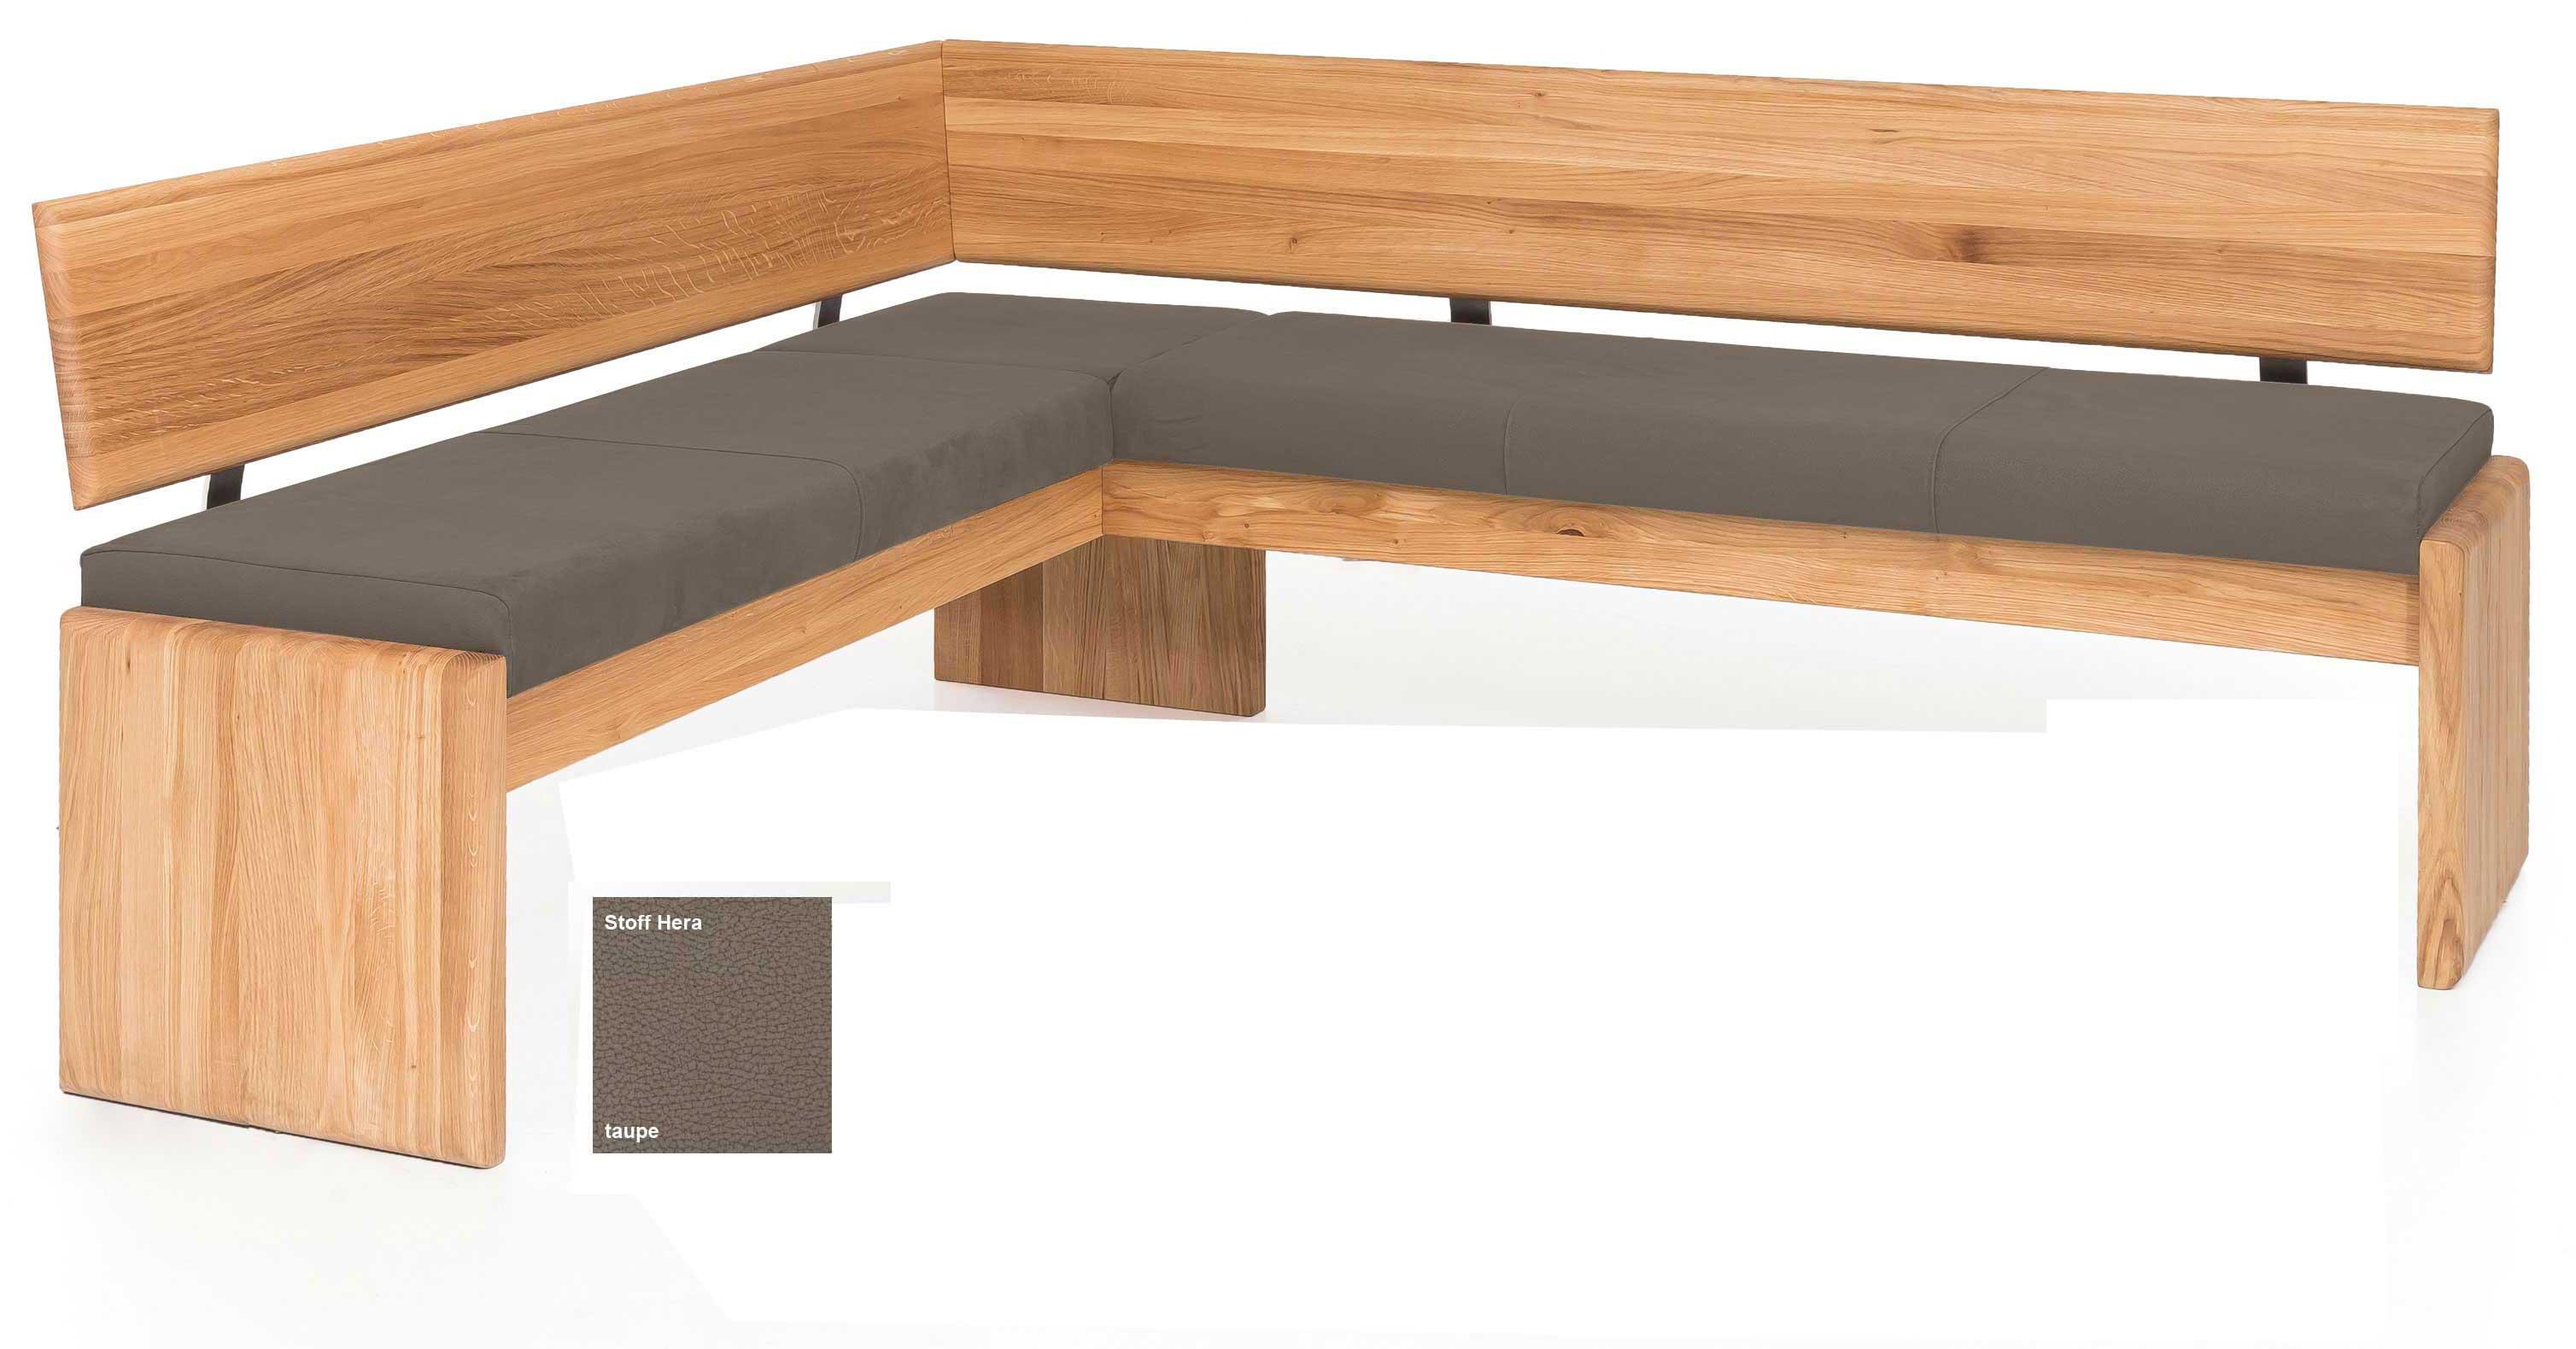 Standard Furniture Stockholm Truheneckbank massiv eiche